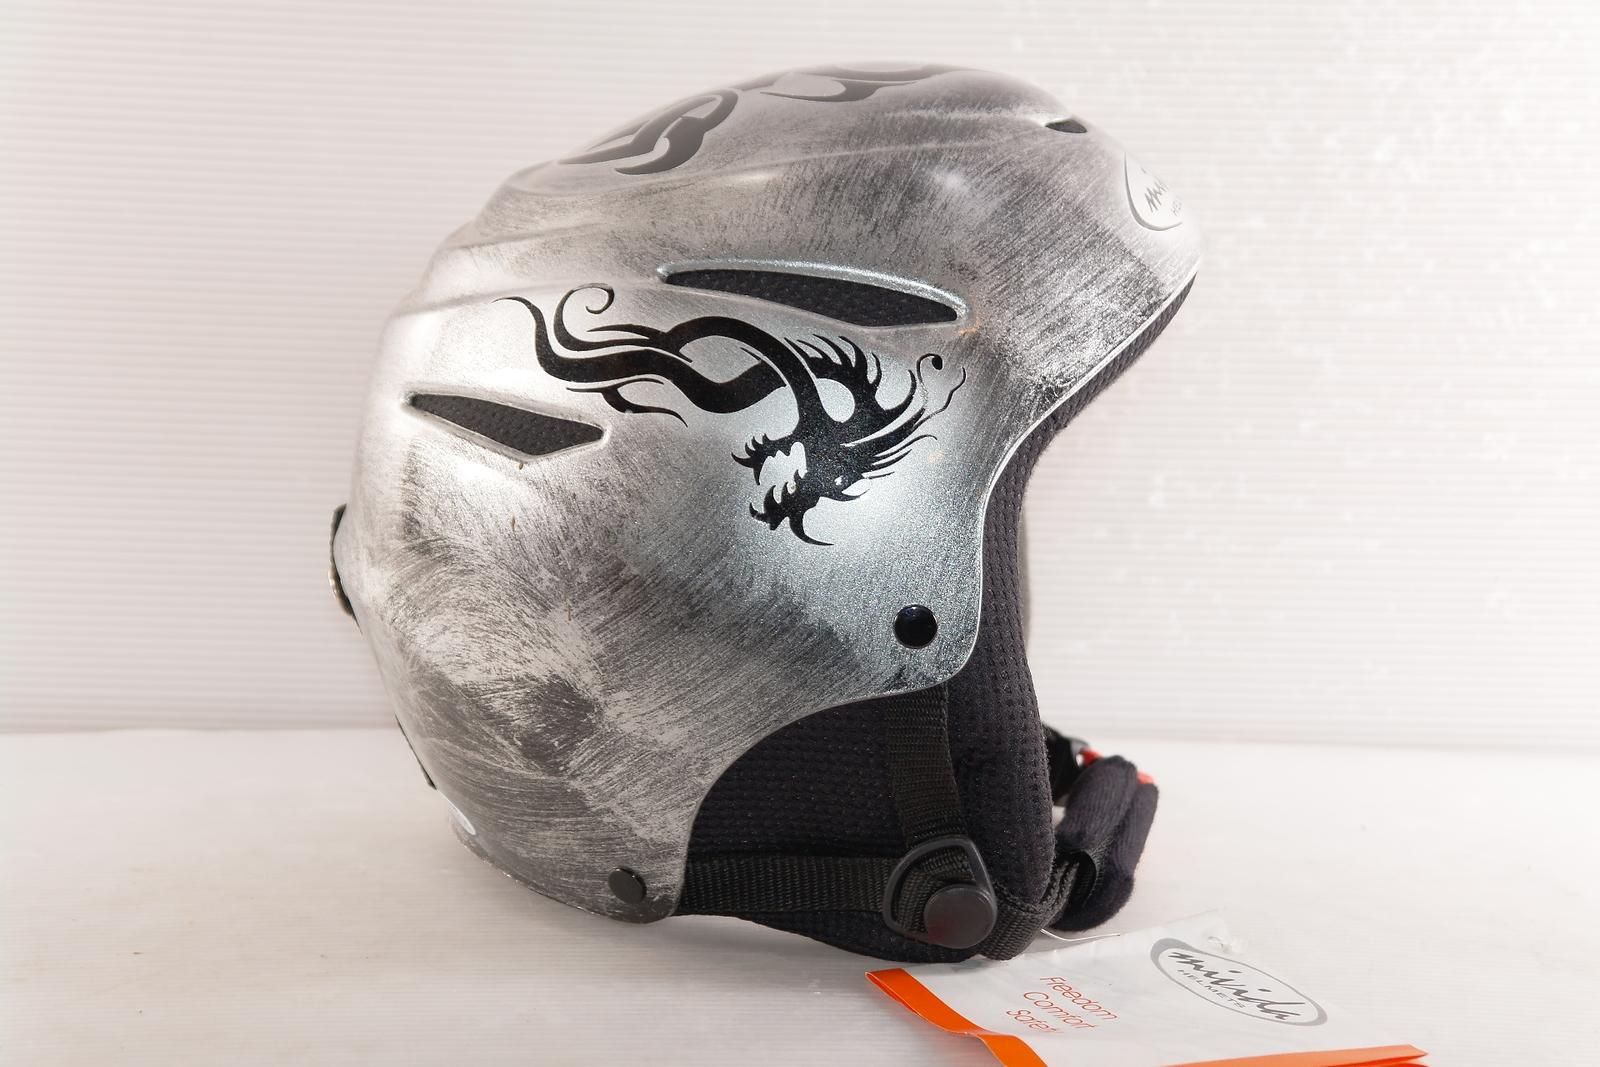 Dámská lyžařská helma Mivida X-style tatoo vel. 58